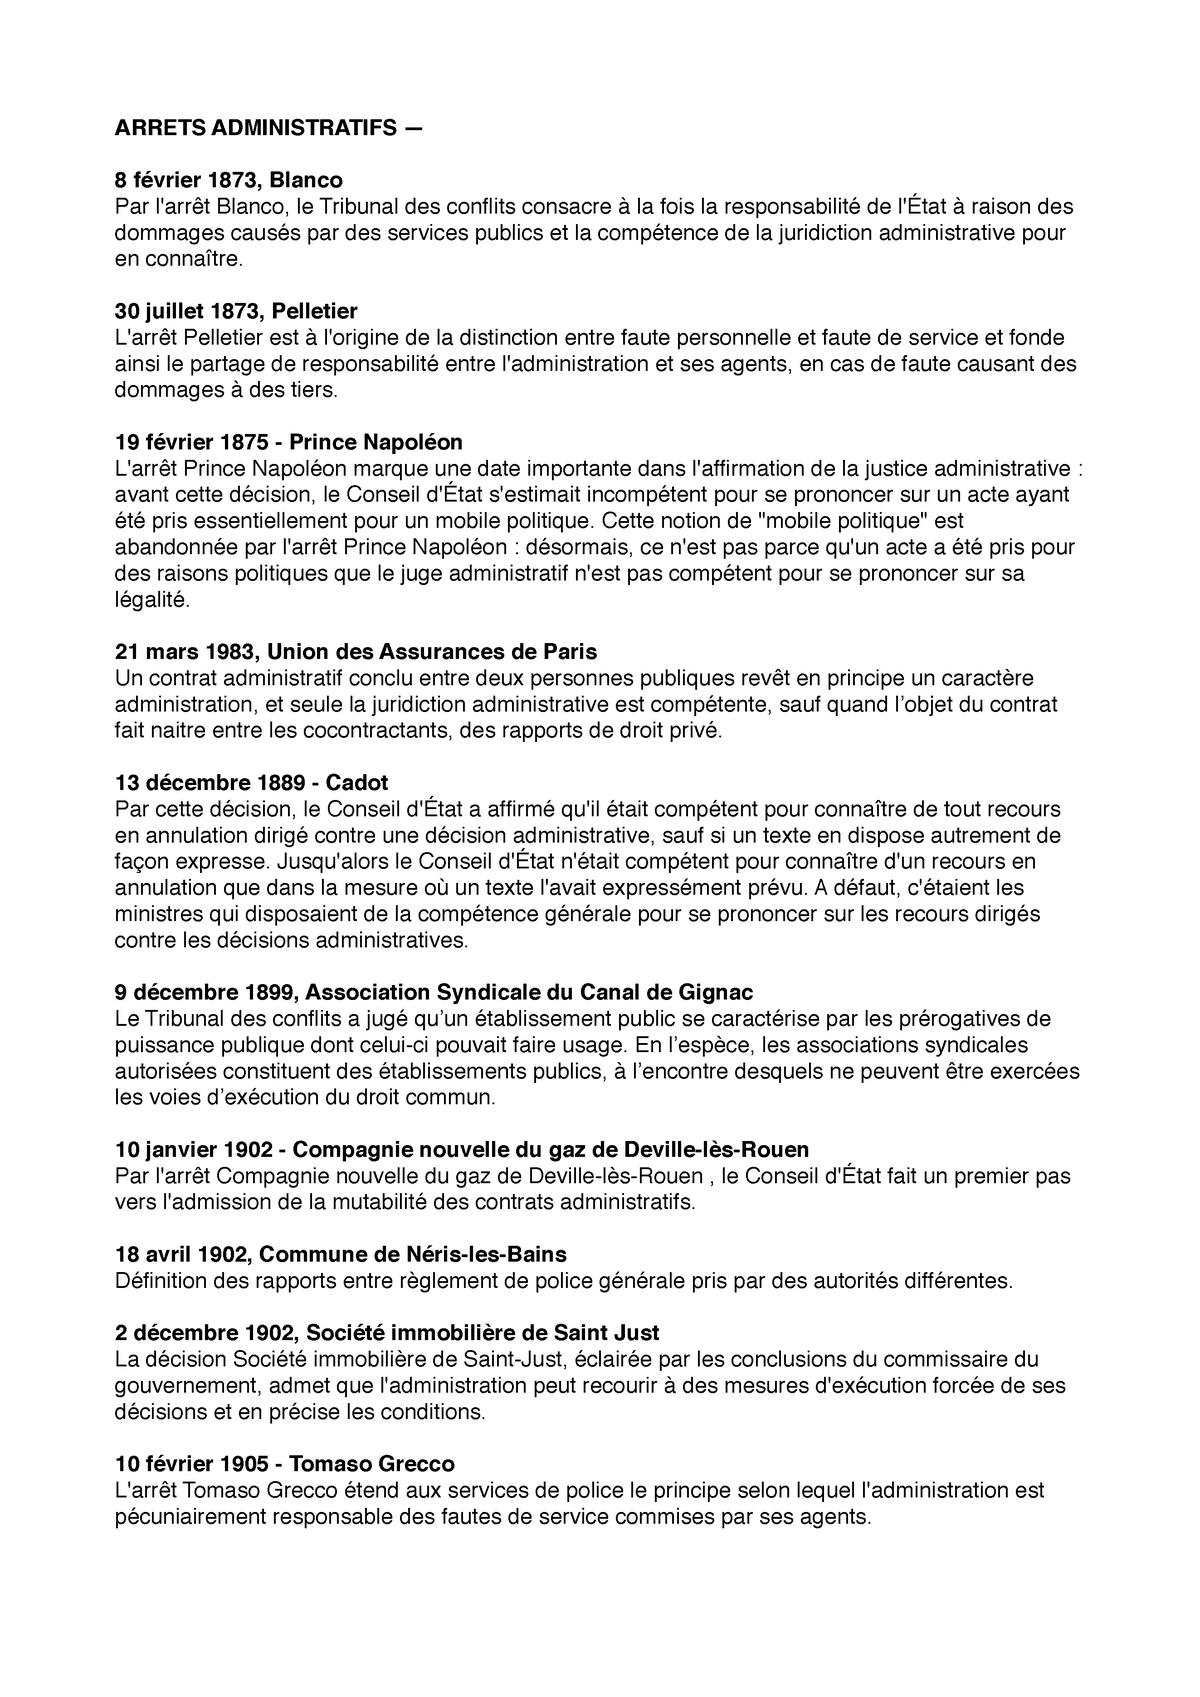 Arrets admi pdf - StuDocu